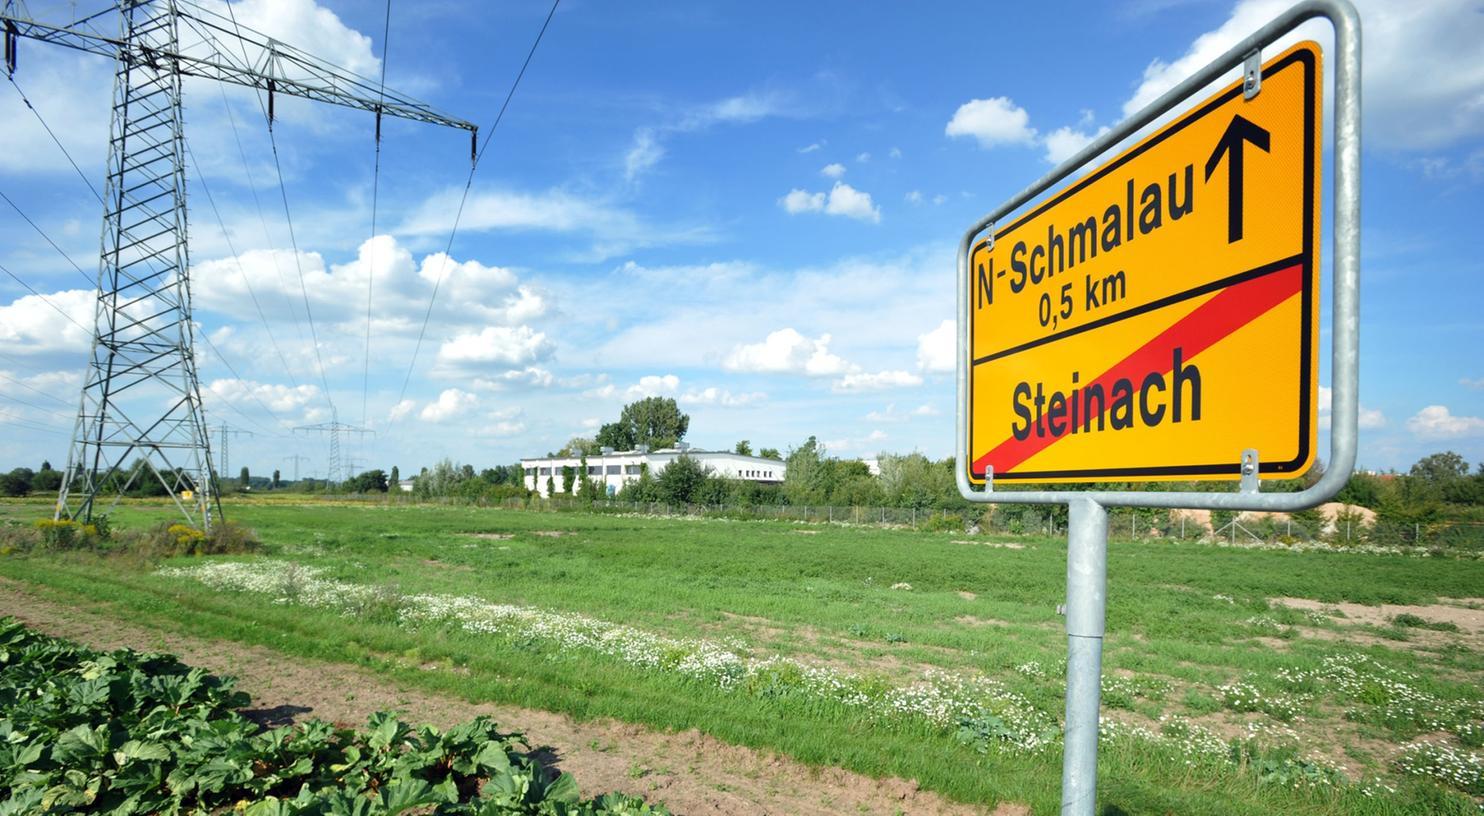 Über freies Feld soll die S-Bahn nach der von Fürth energisch bekämpften Planung in einem großen Bogen am bestehenden Bahnhof in Stadeln vorbei zum Industriegebiet Schmalau geführt werden,